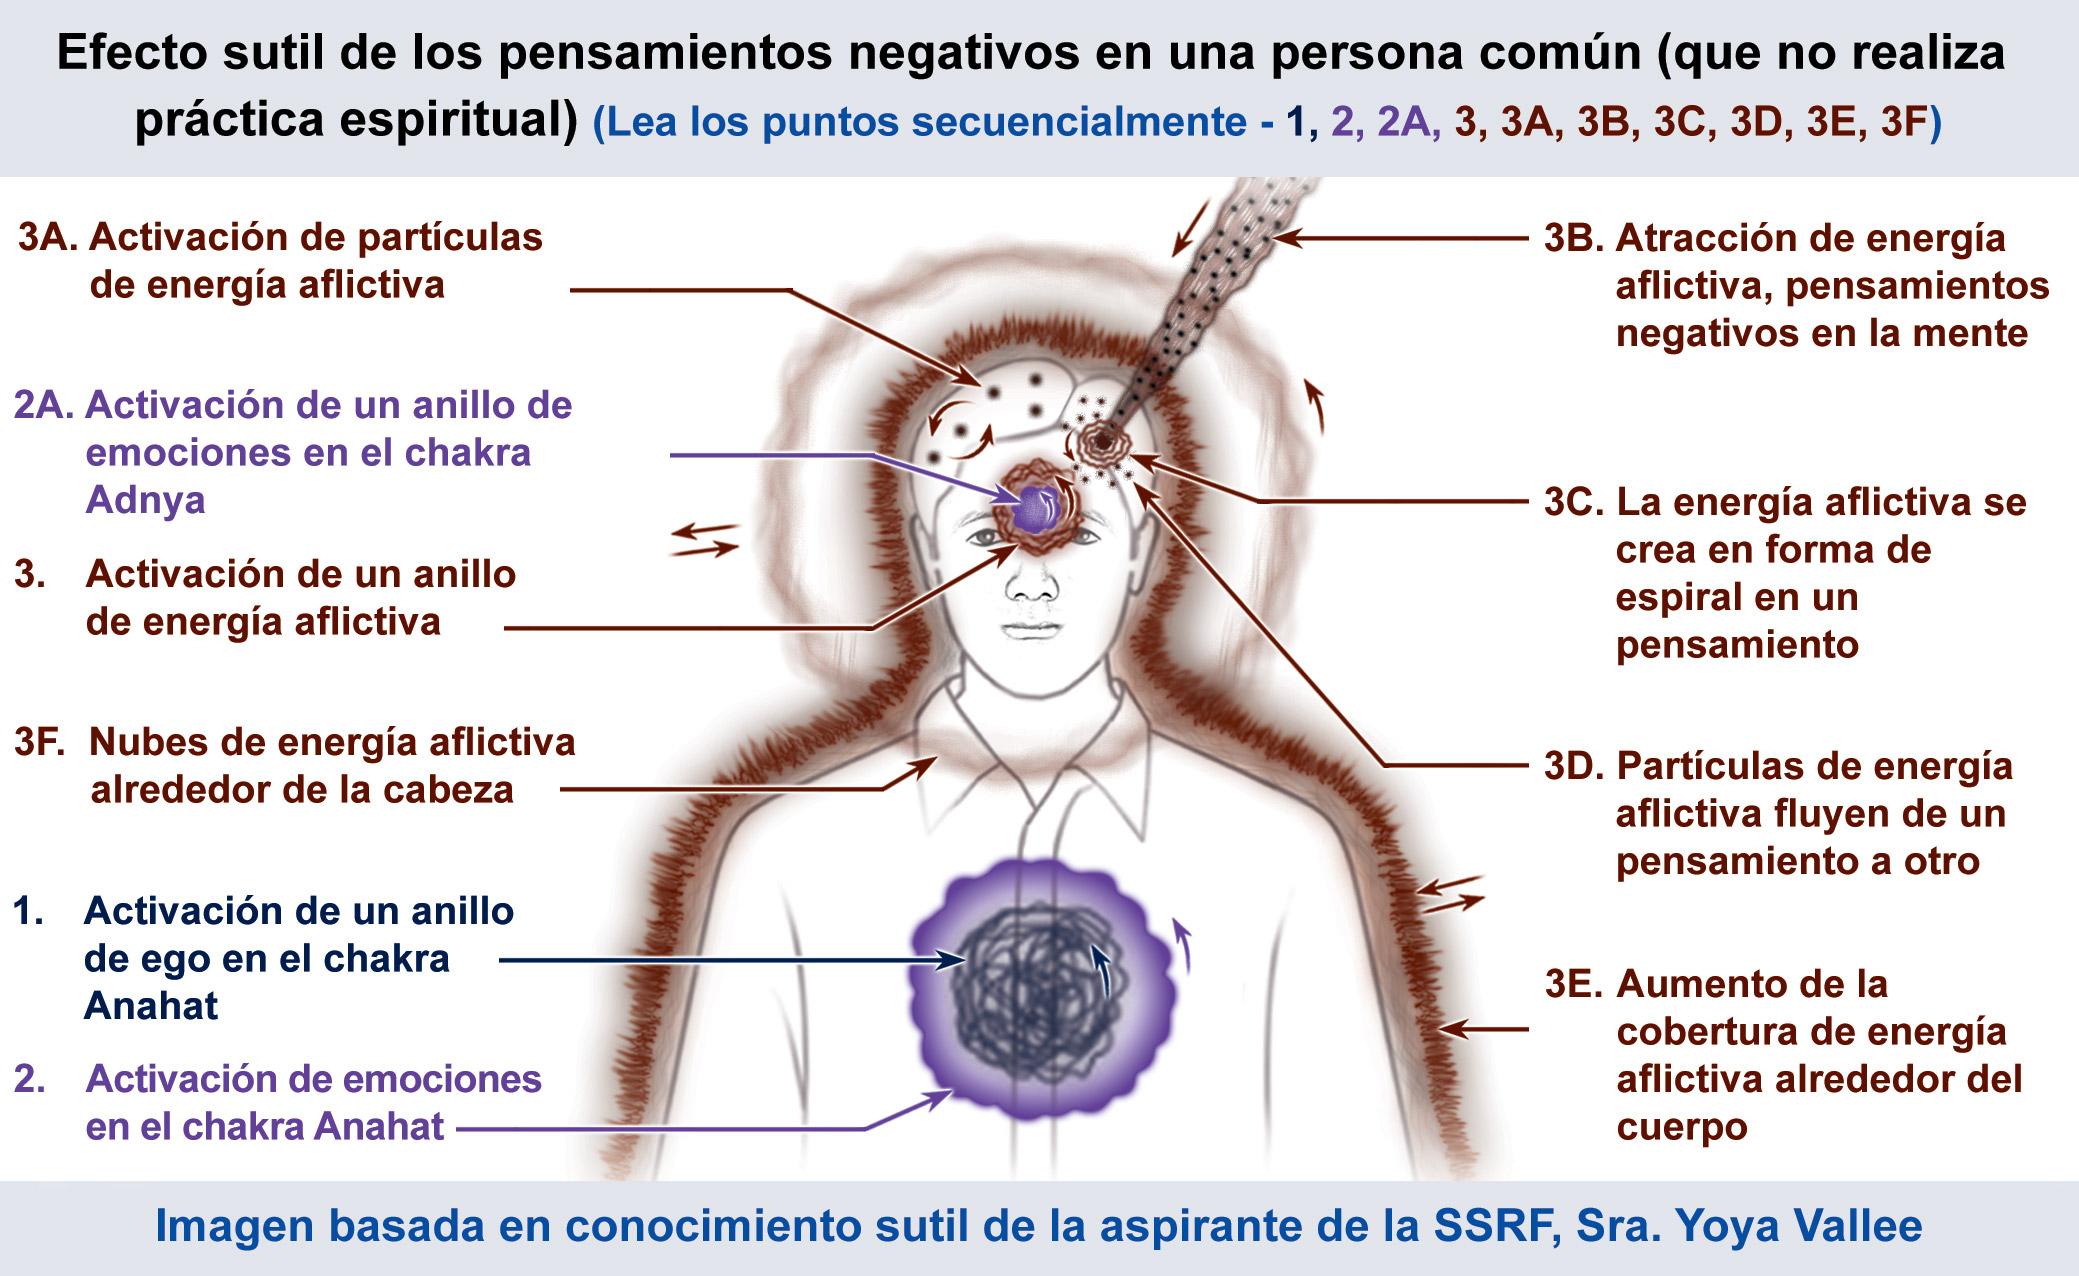 Cómo detener los pensamientos negativos